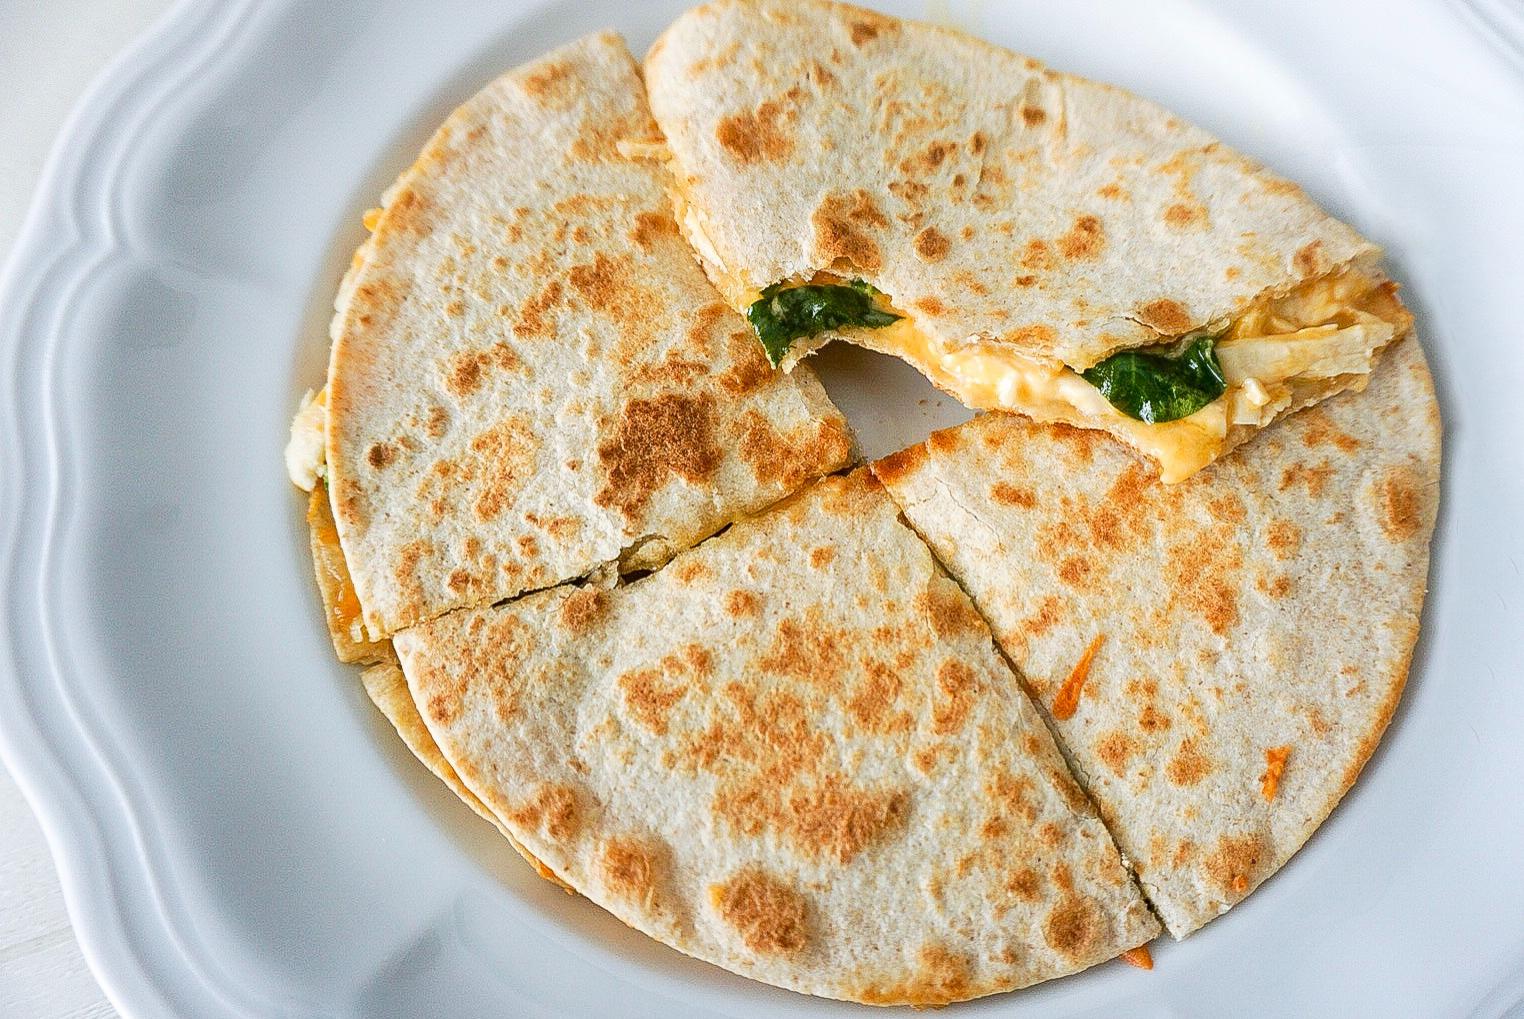 organic lunch ideas, organic quesadillas, healthy pregnancy recipes, pregnancy lunch recipes